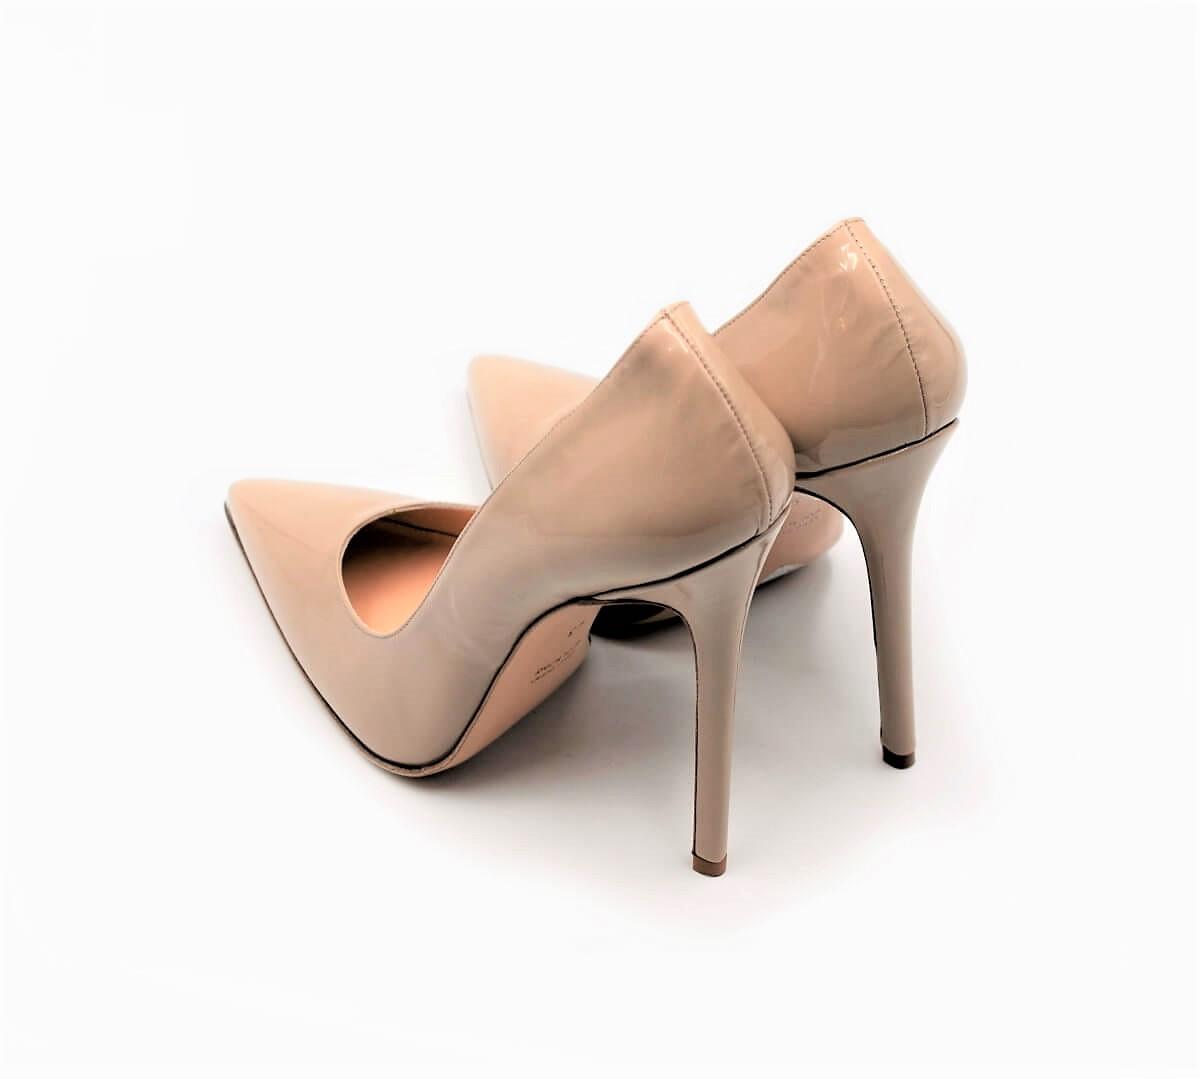 Stiletto Damenschuhe Und Stiefel HeelsExlusive Nude Aus Italien nmN8v0w